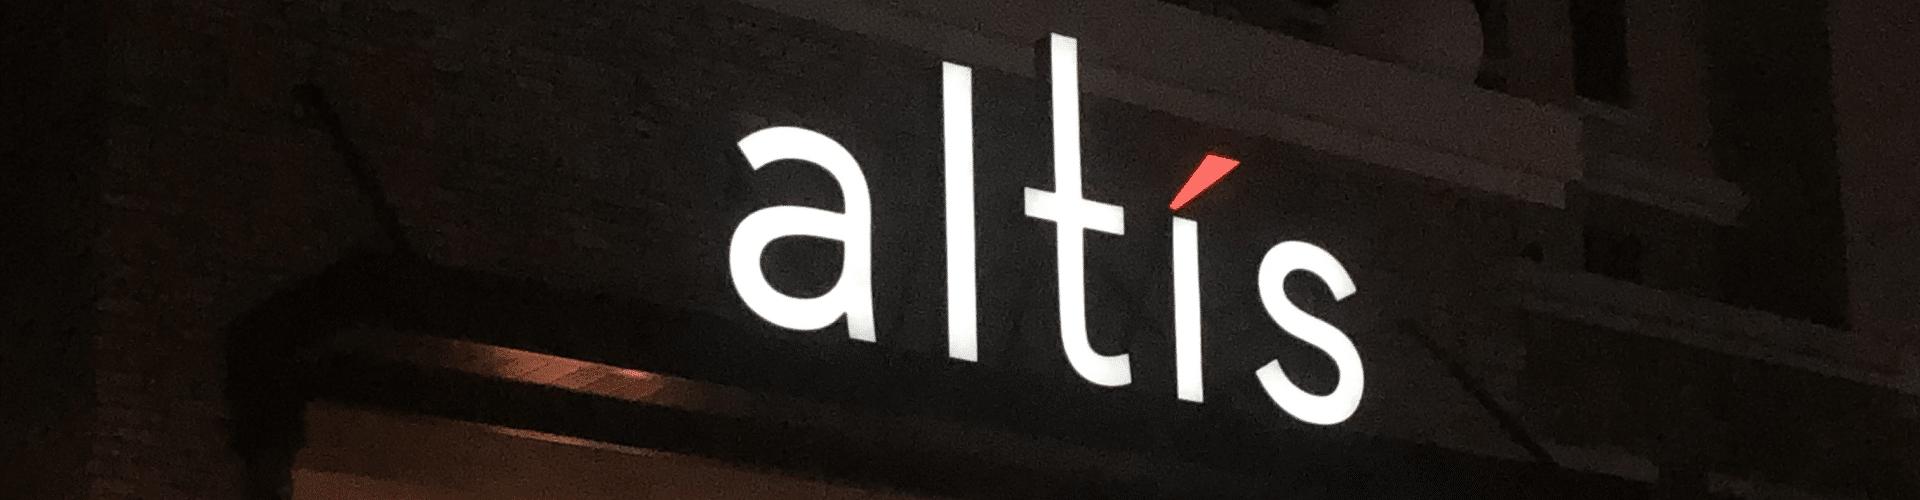 Altis channel letter sign by Oakhurst